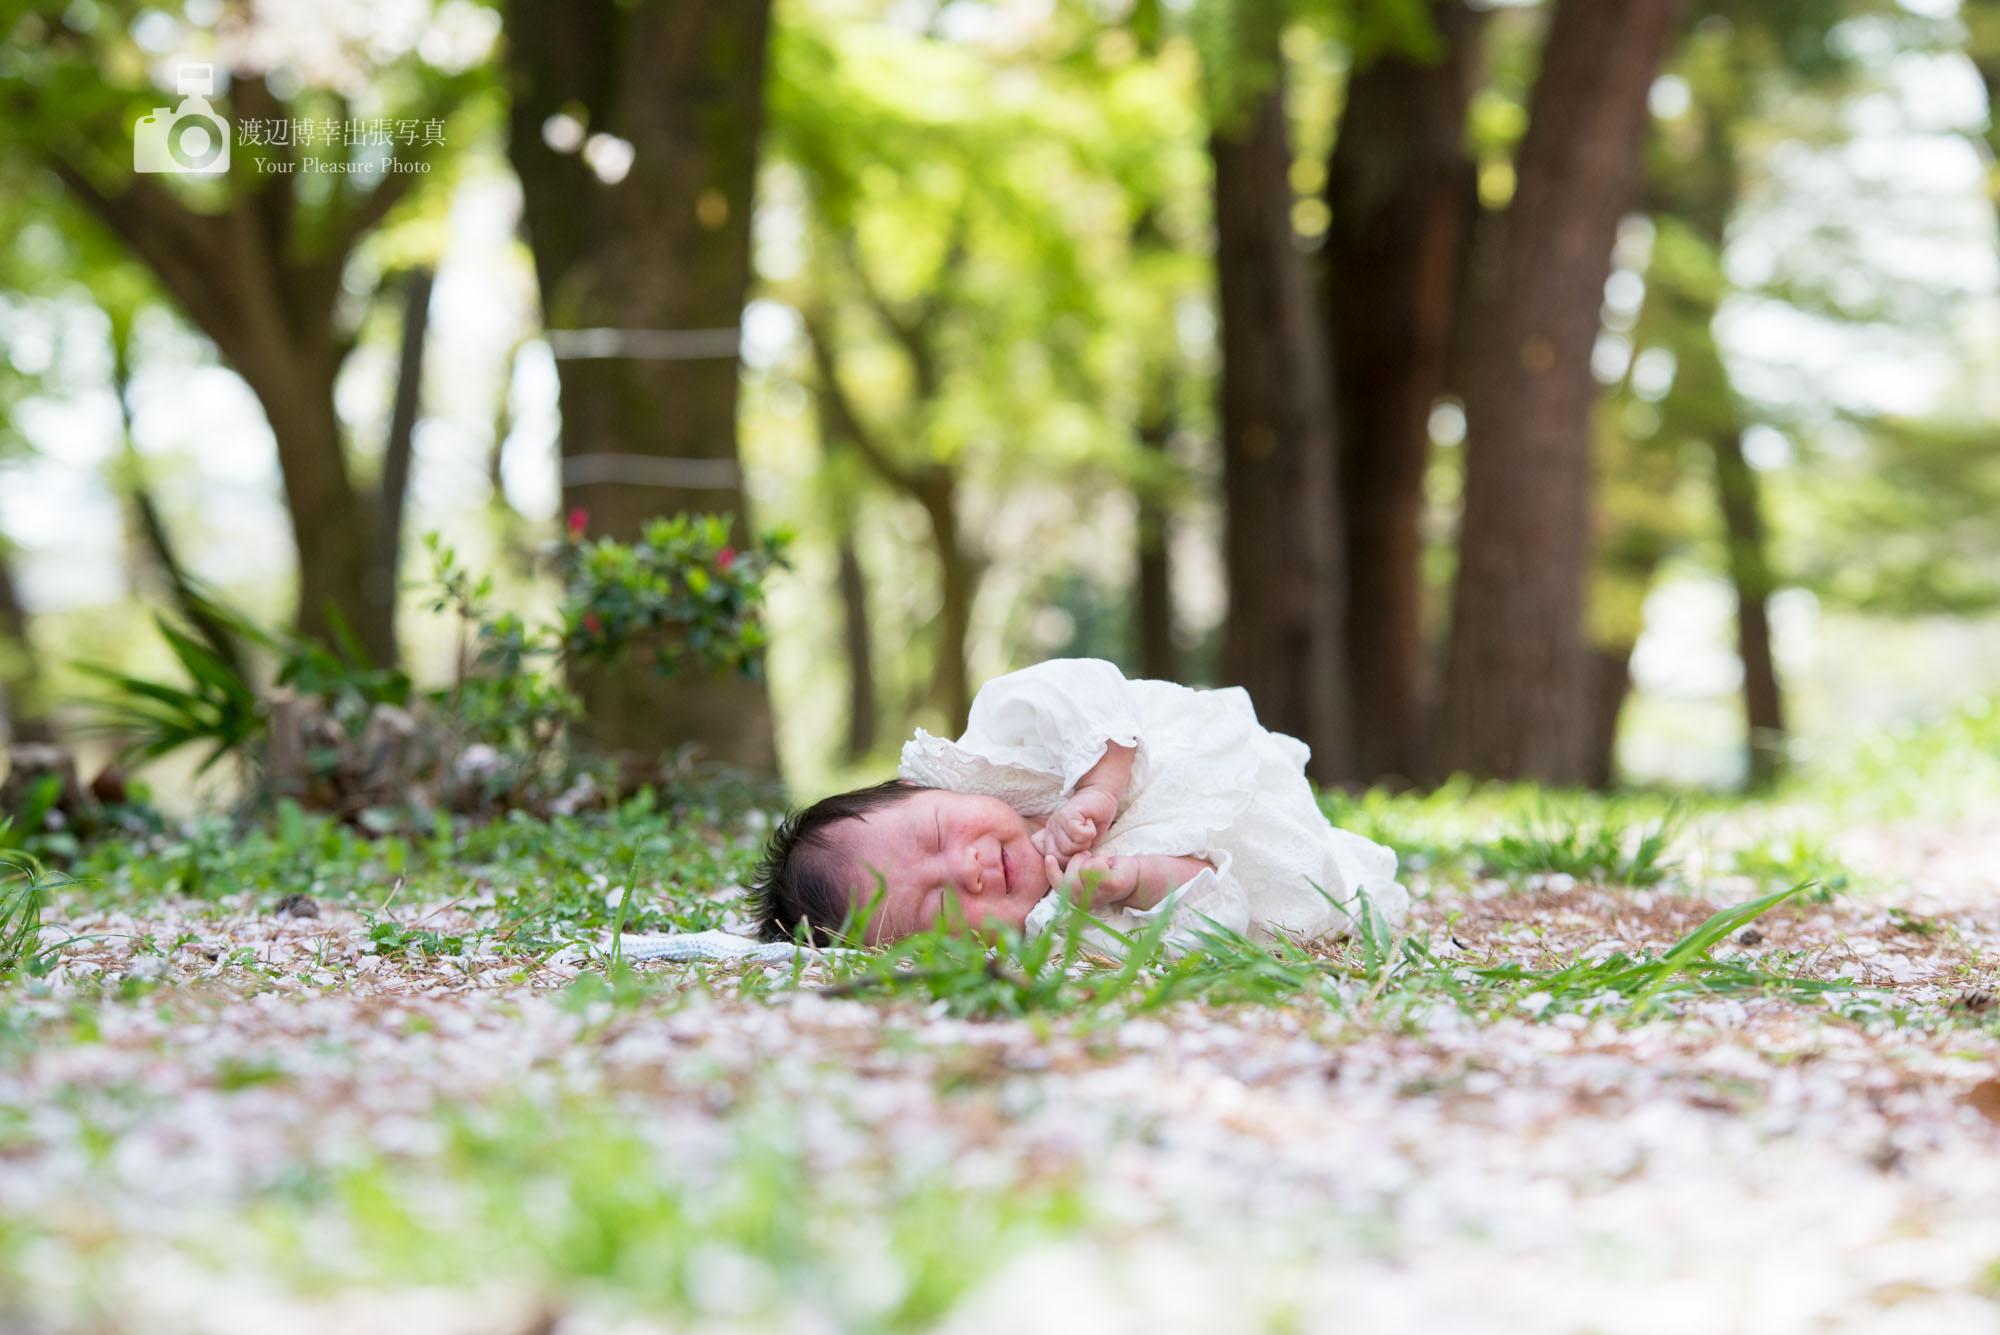 お宮参りの出張撮影|大宮氷川神社|春のうたたねですね|埼玉県|さいたま市